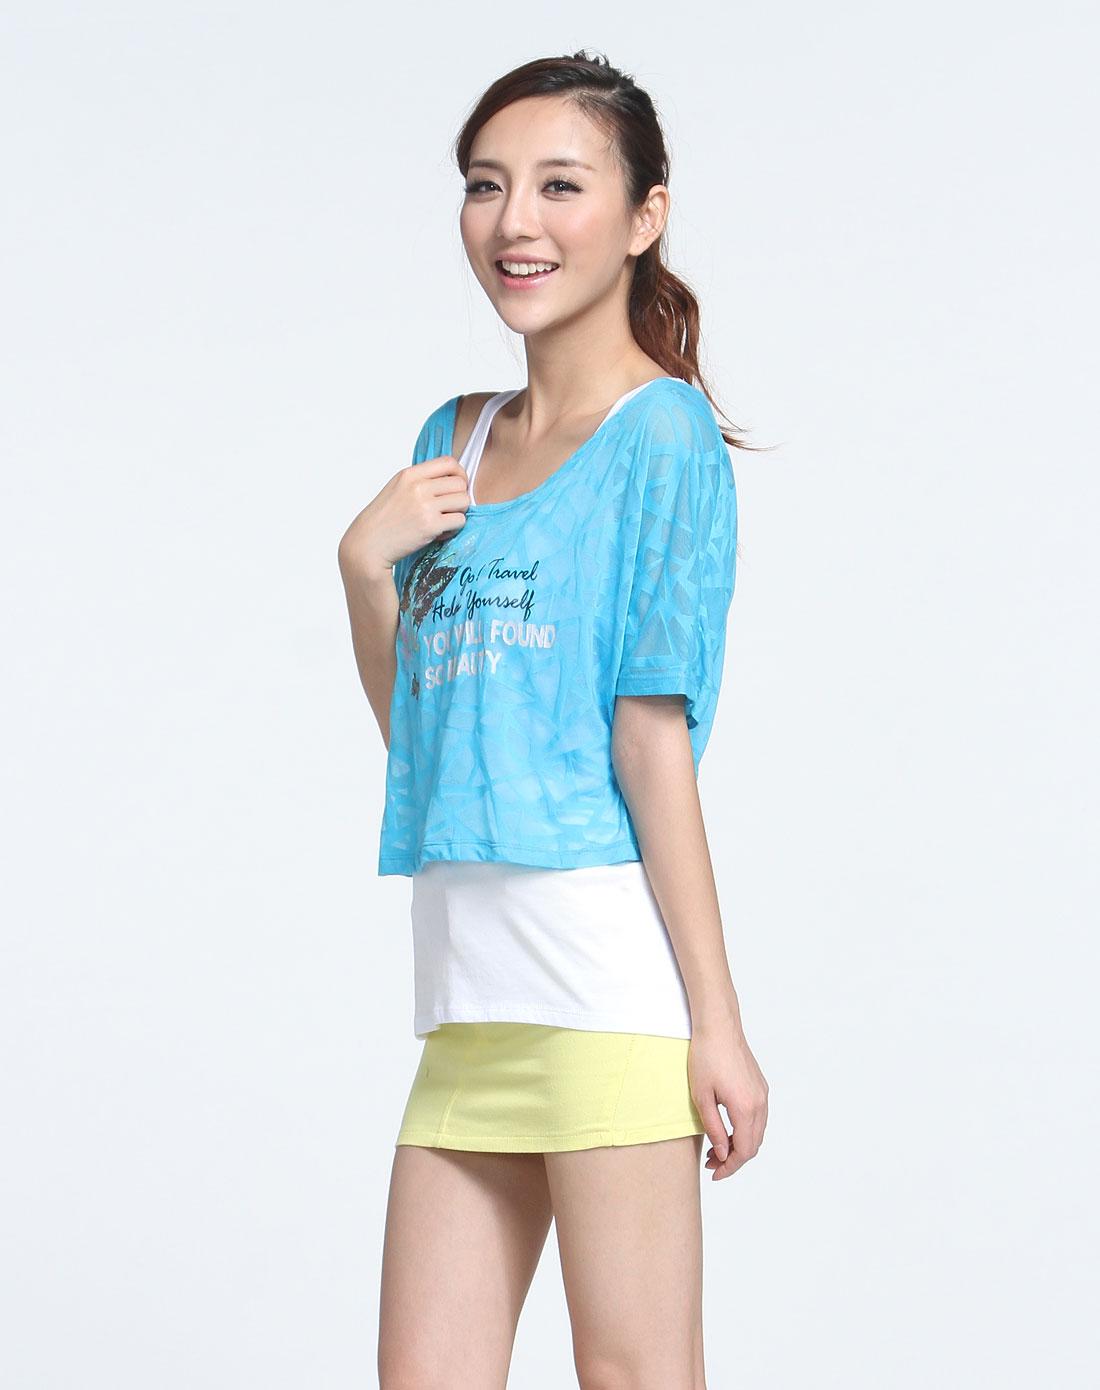 00 森马 夏季新品女款白绿色条纹休闲无袖衬衫原价1 39.图片